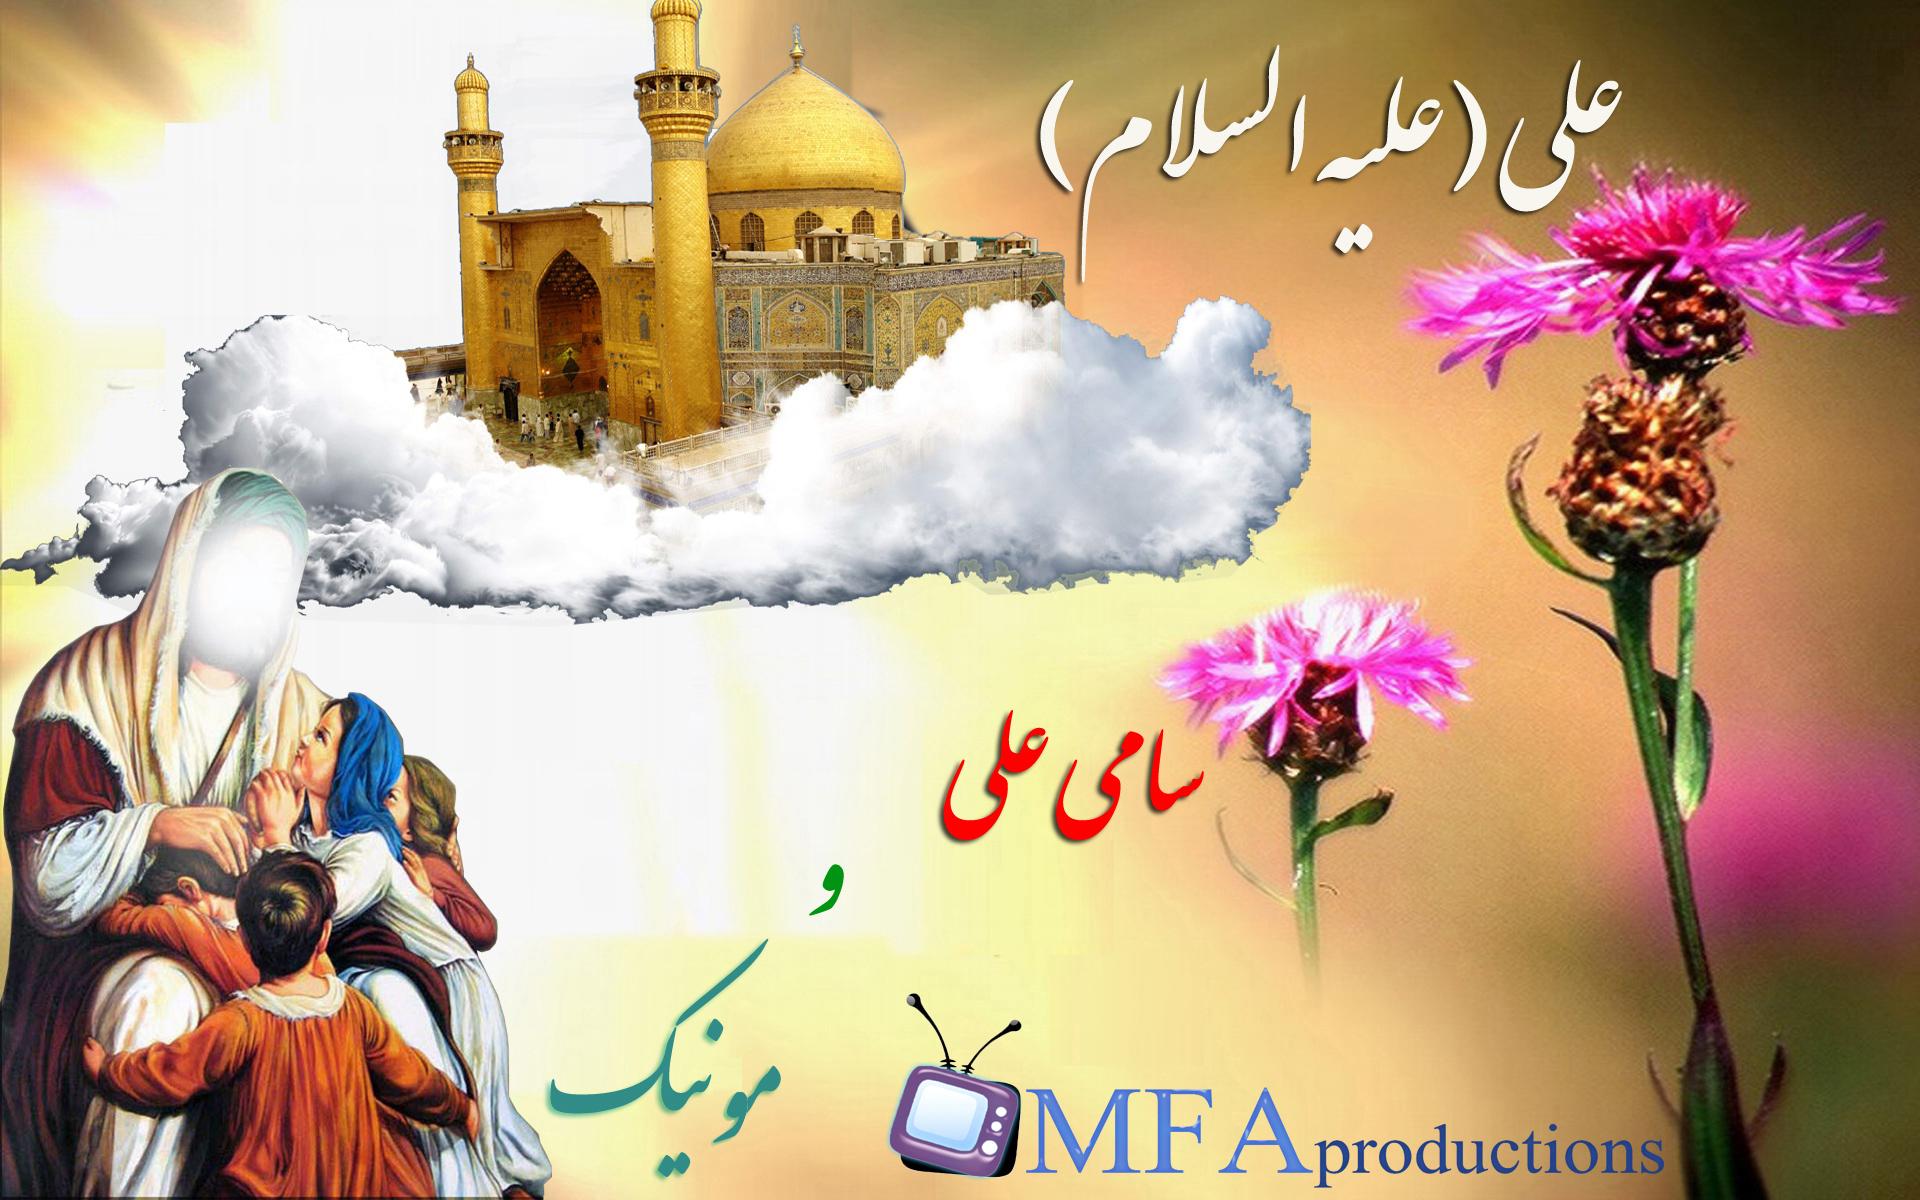 fe7y_farsi_-_copy.jpg